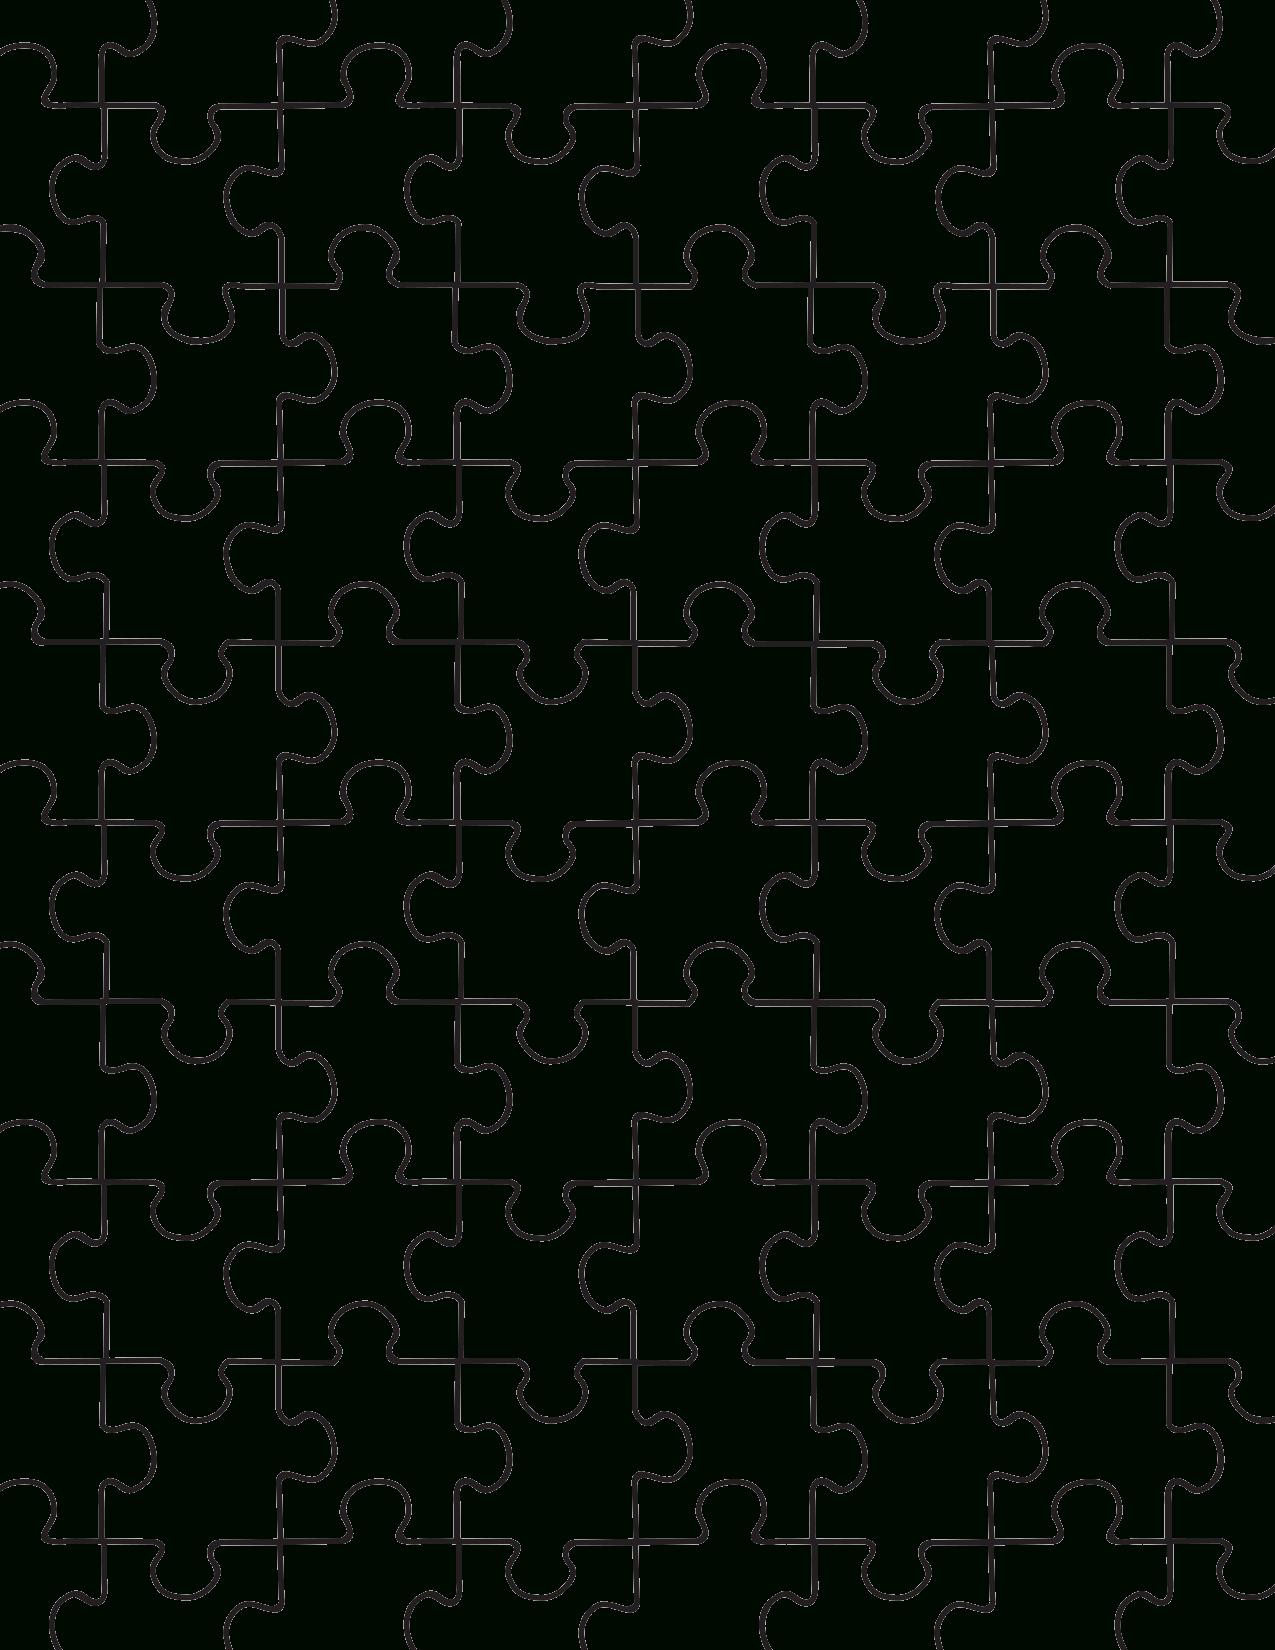 Printable Puzzle Pieces Template | Decor | Puzzle Piece Template - Printable Puzzle Blank